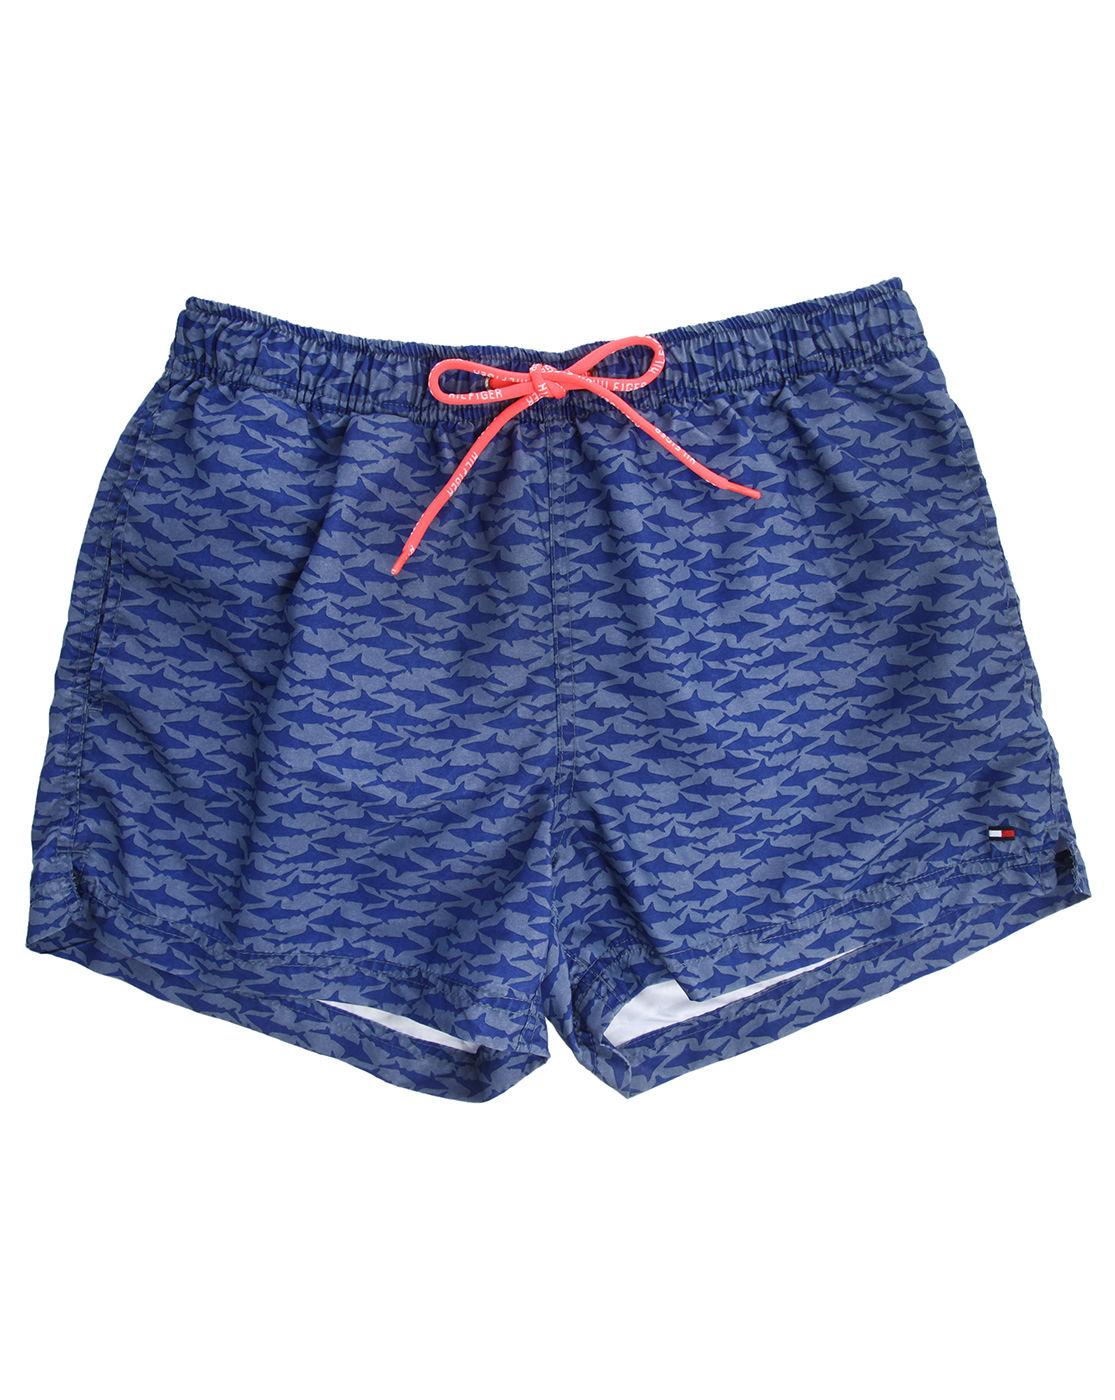 tommy hilfiger blue shark print swim shorts in blue for men lyst. Black Bedroom Furniture Sets. Home Design Ideas